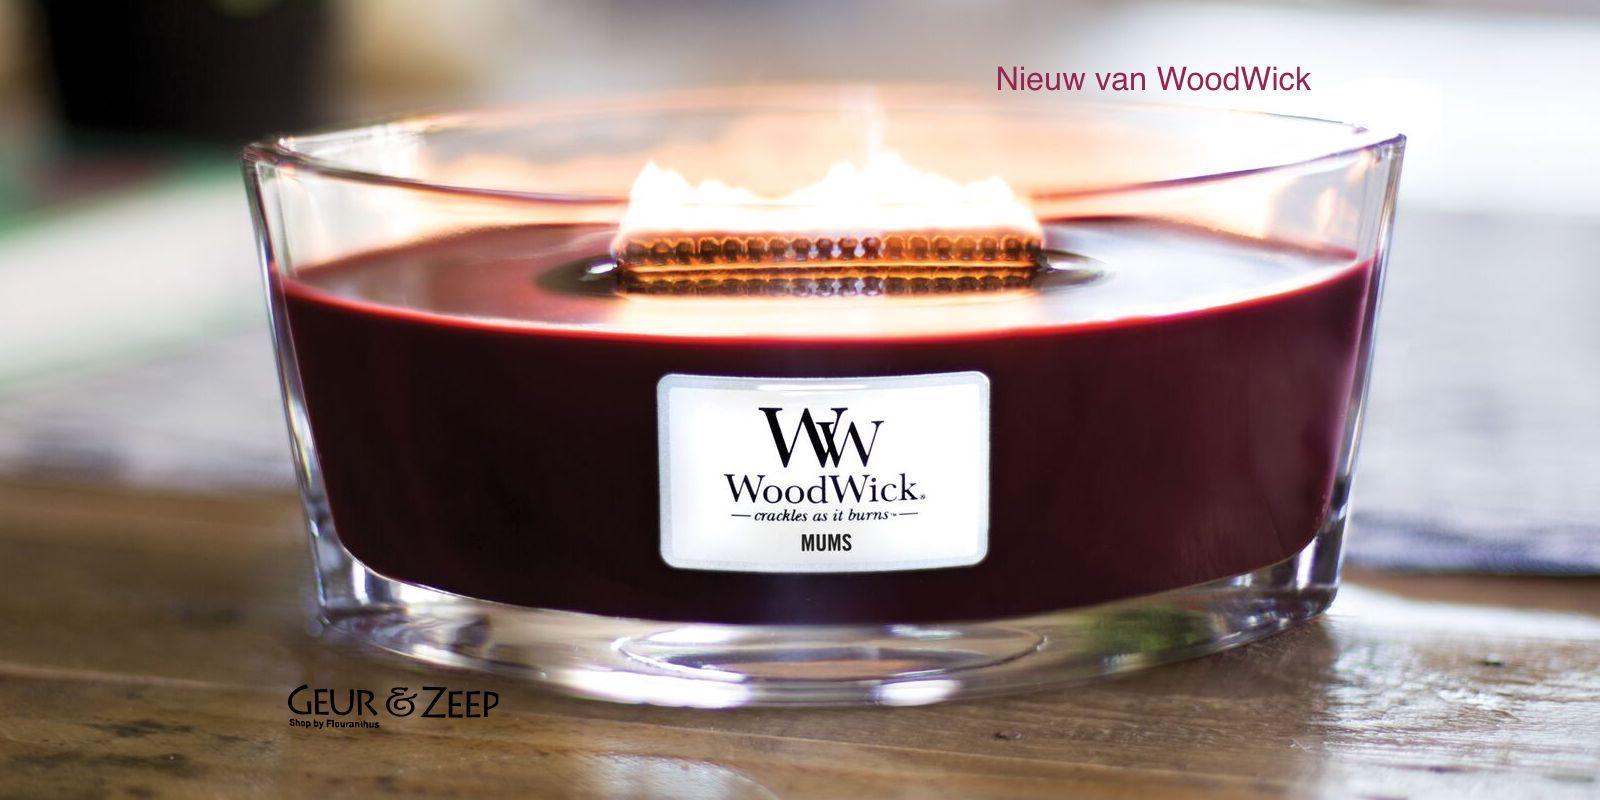 WoodWick Mums WoodWick Winkel